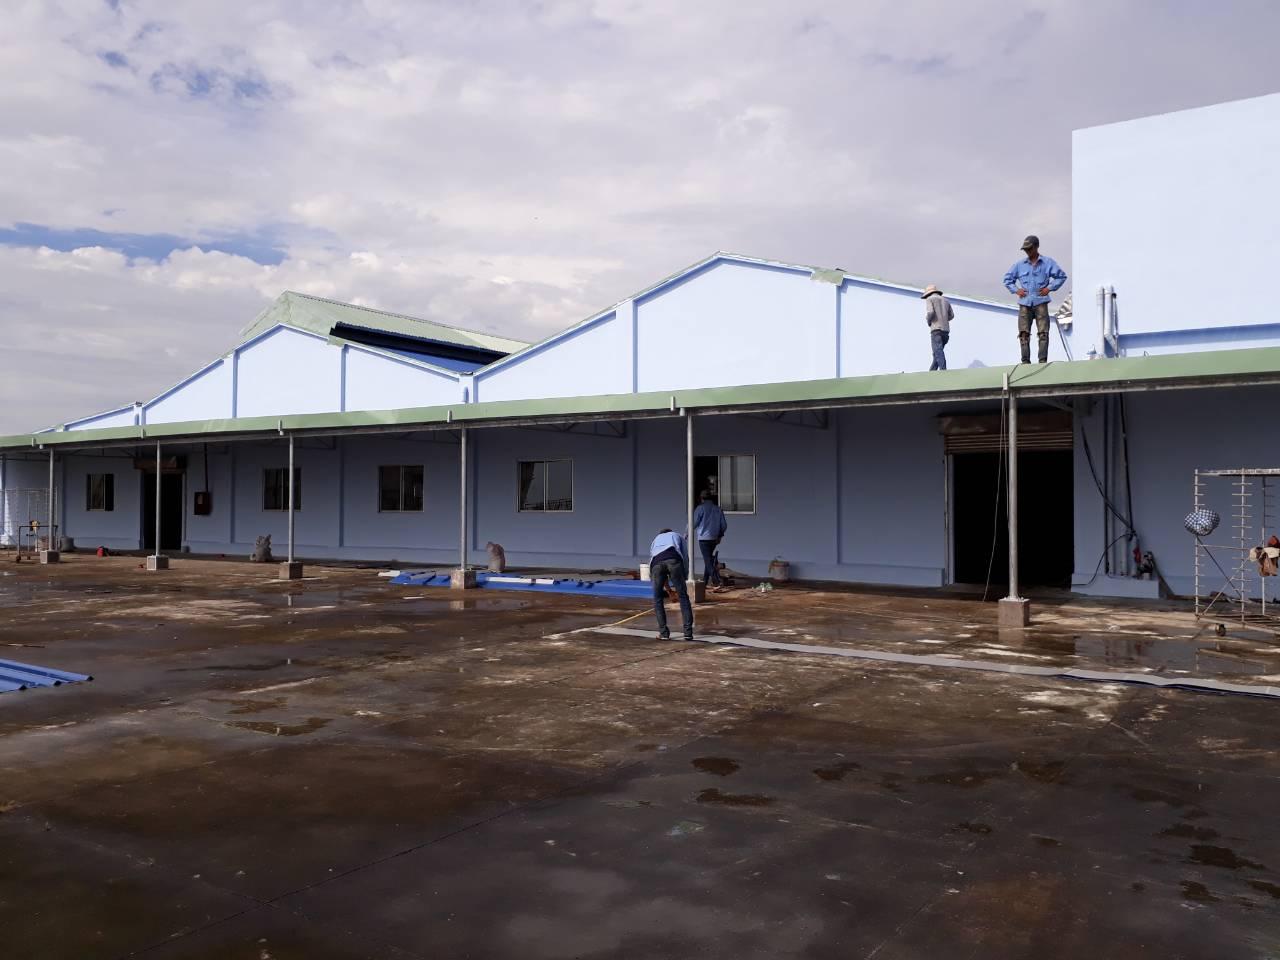 Dịch vụ cải tạo sửa chữanhà xưởng tại Bình Dương